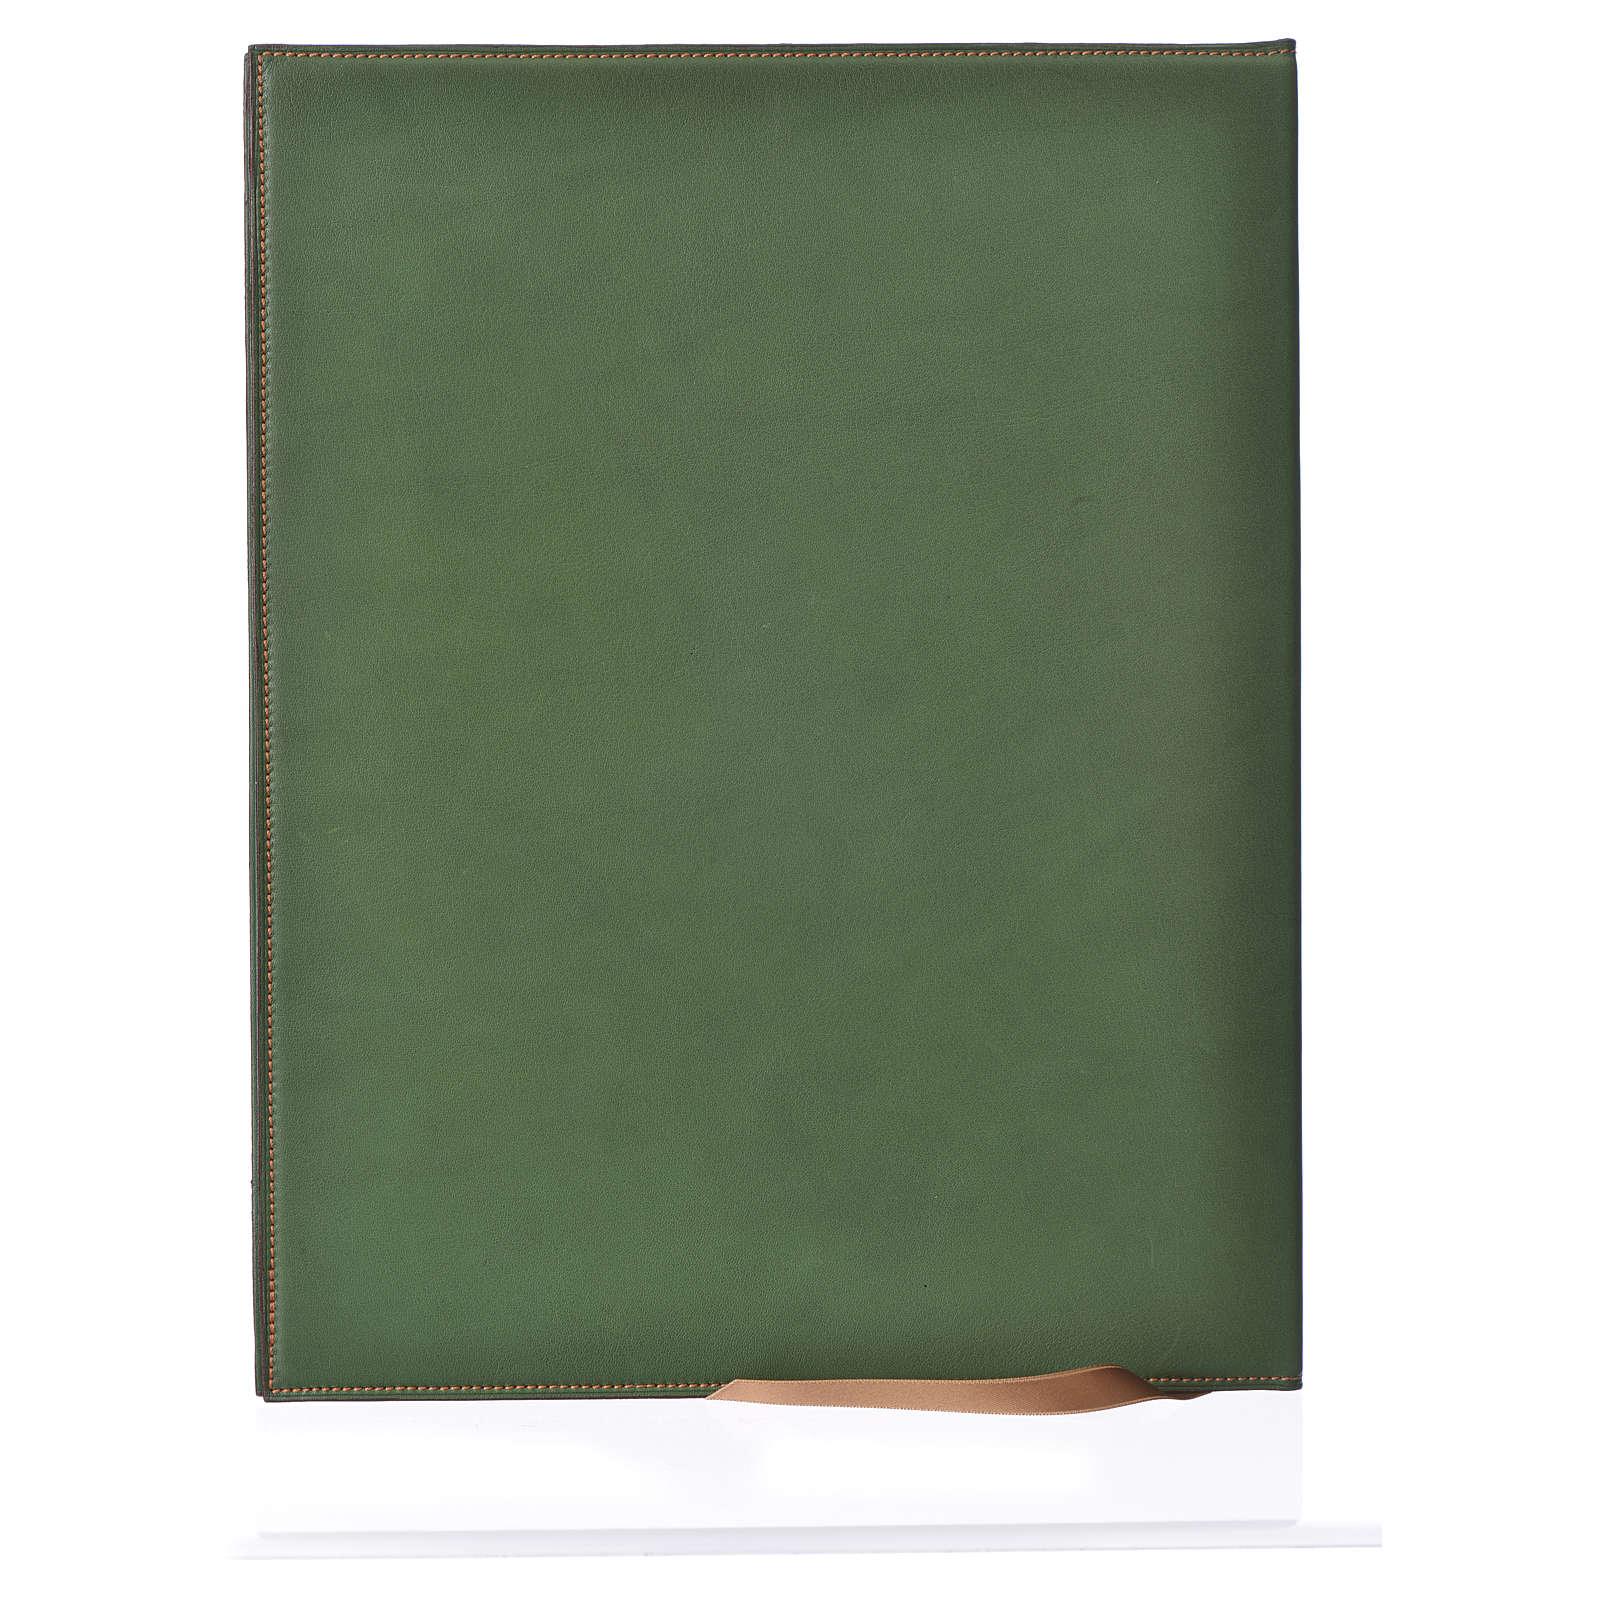 Funda para ritos A4 Cordero impreso verde Belén 4